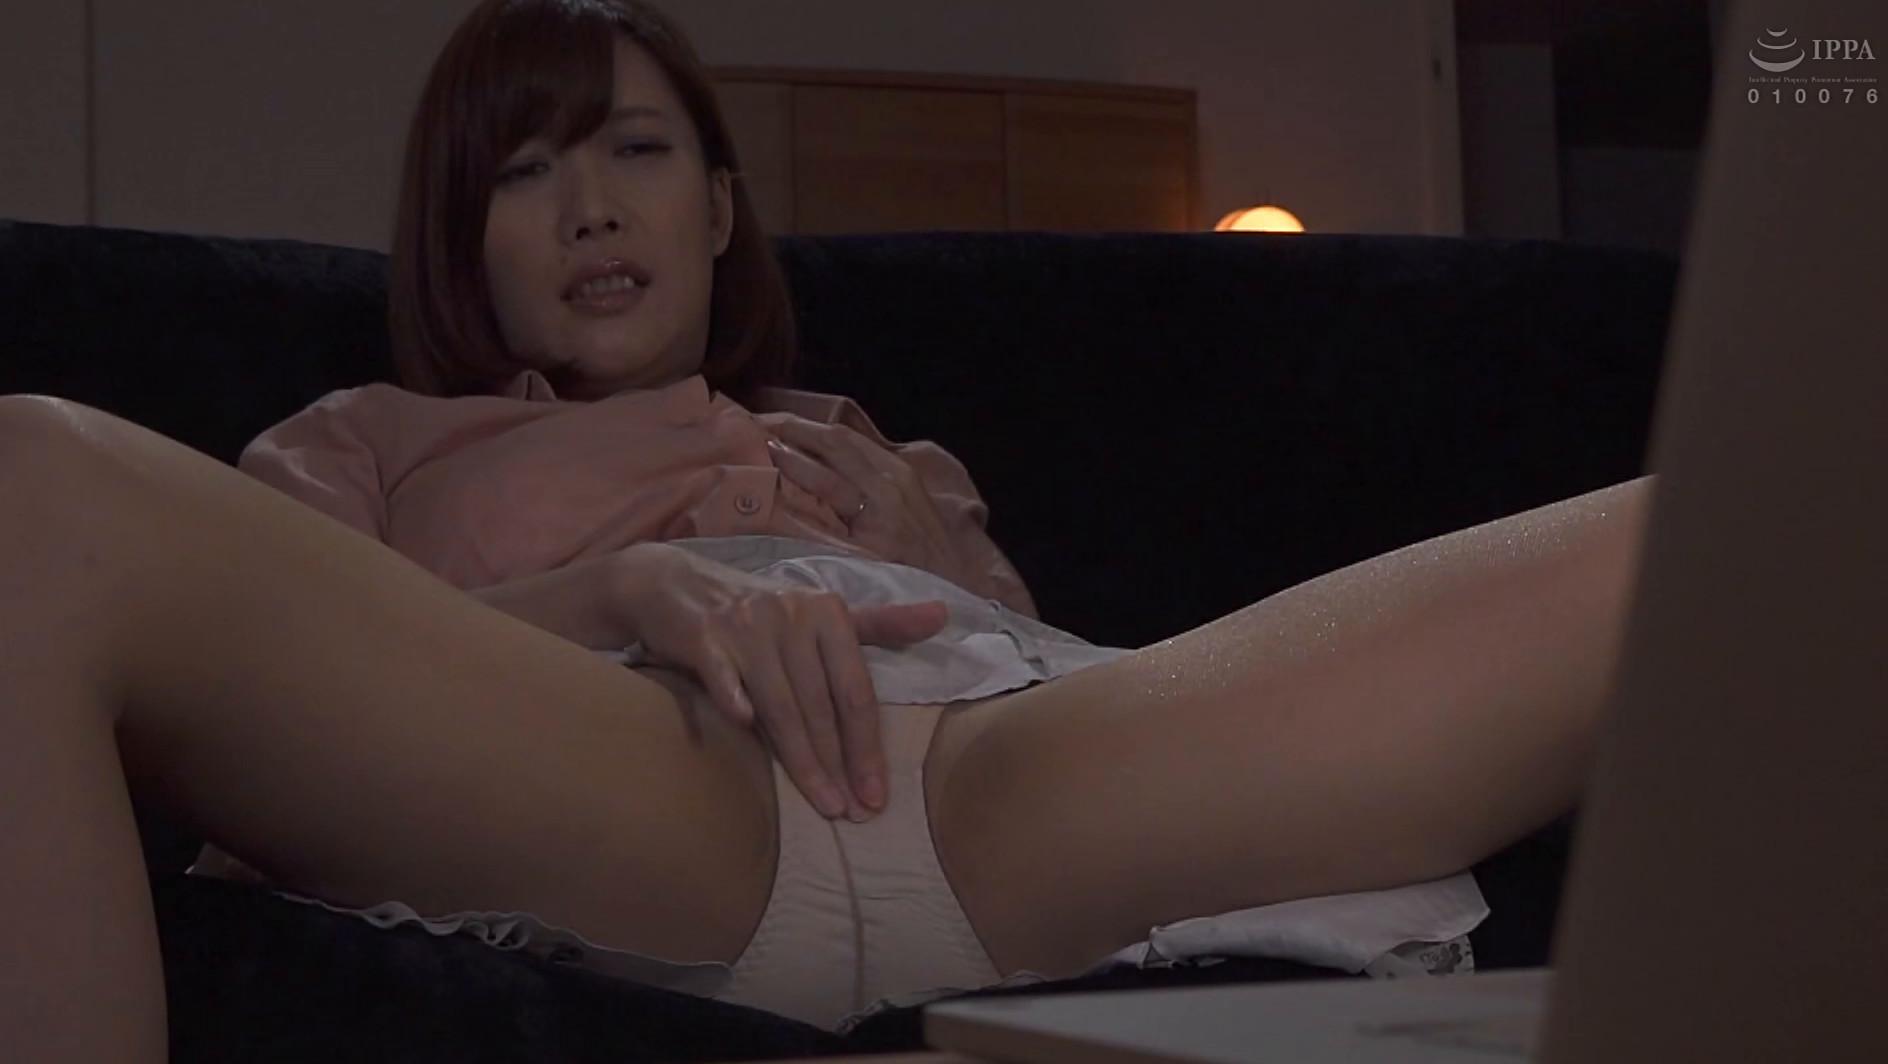 憧れの兄嫁と 池谷佳純 画像5